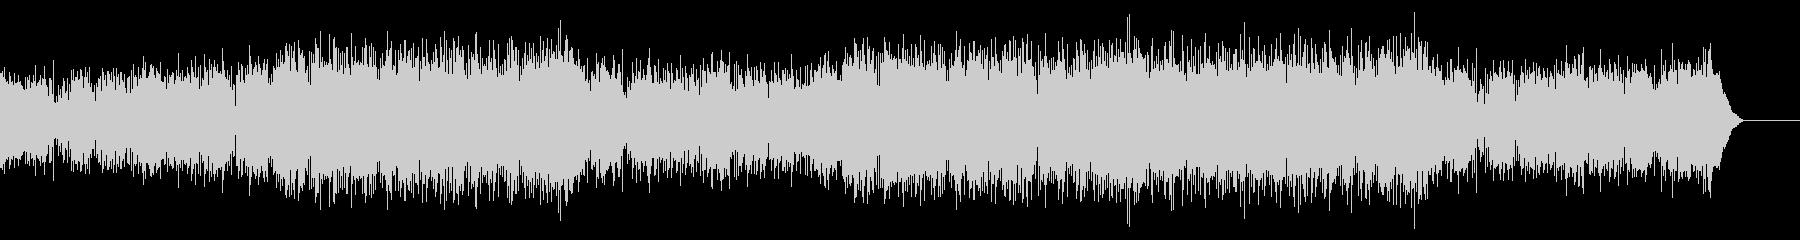 生演奏サックスのおしゃれな映像用ジャズの未再生の波形